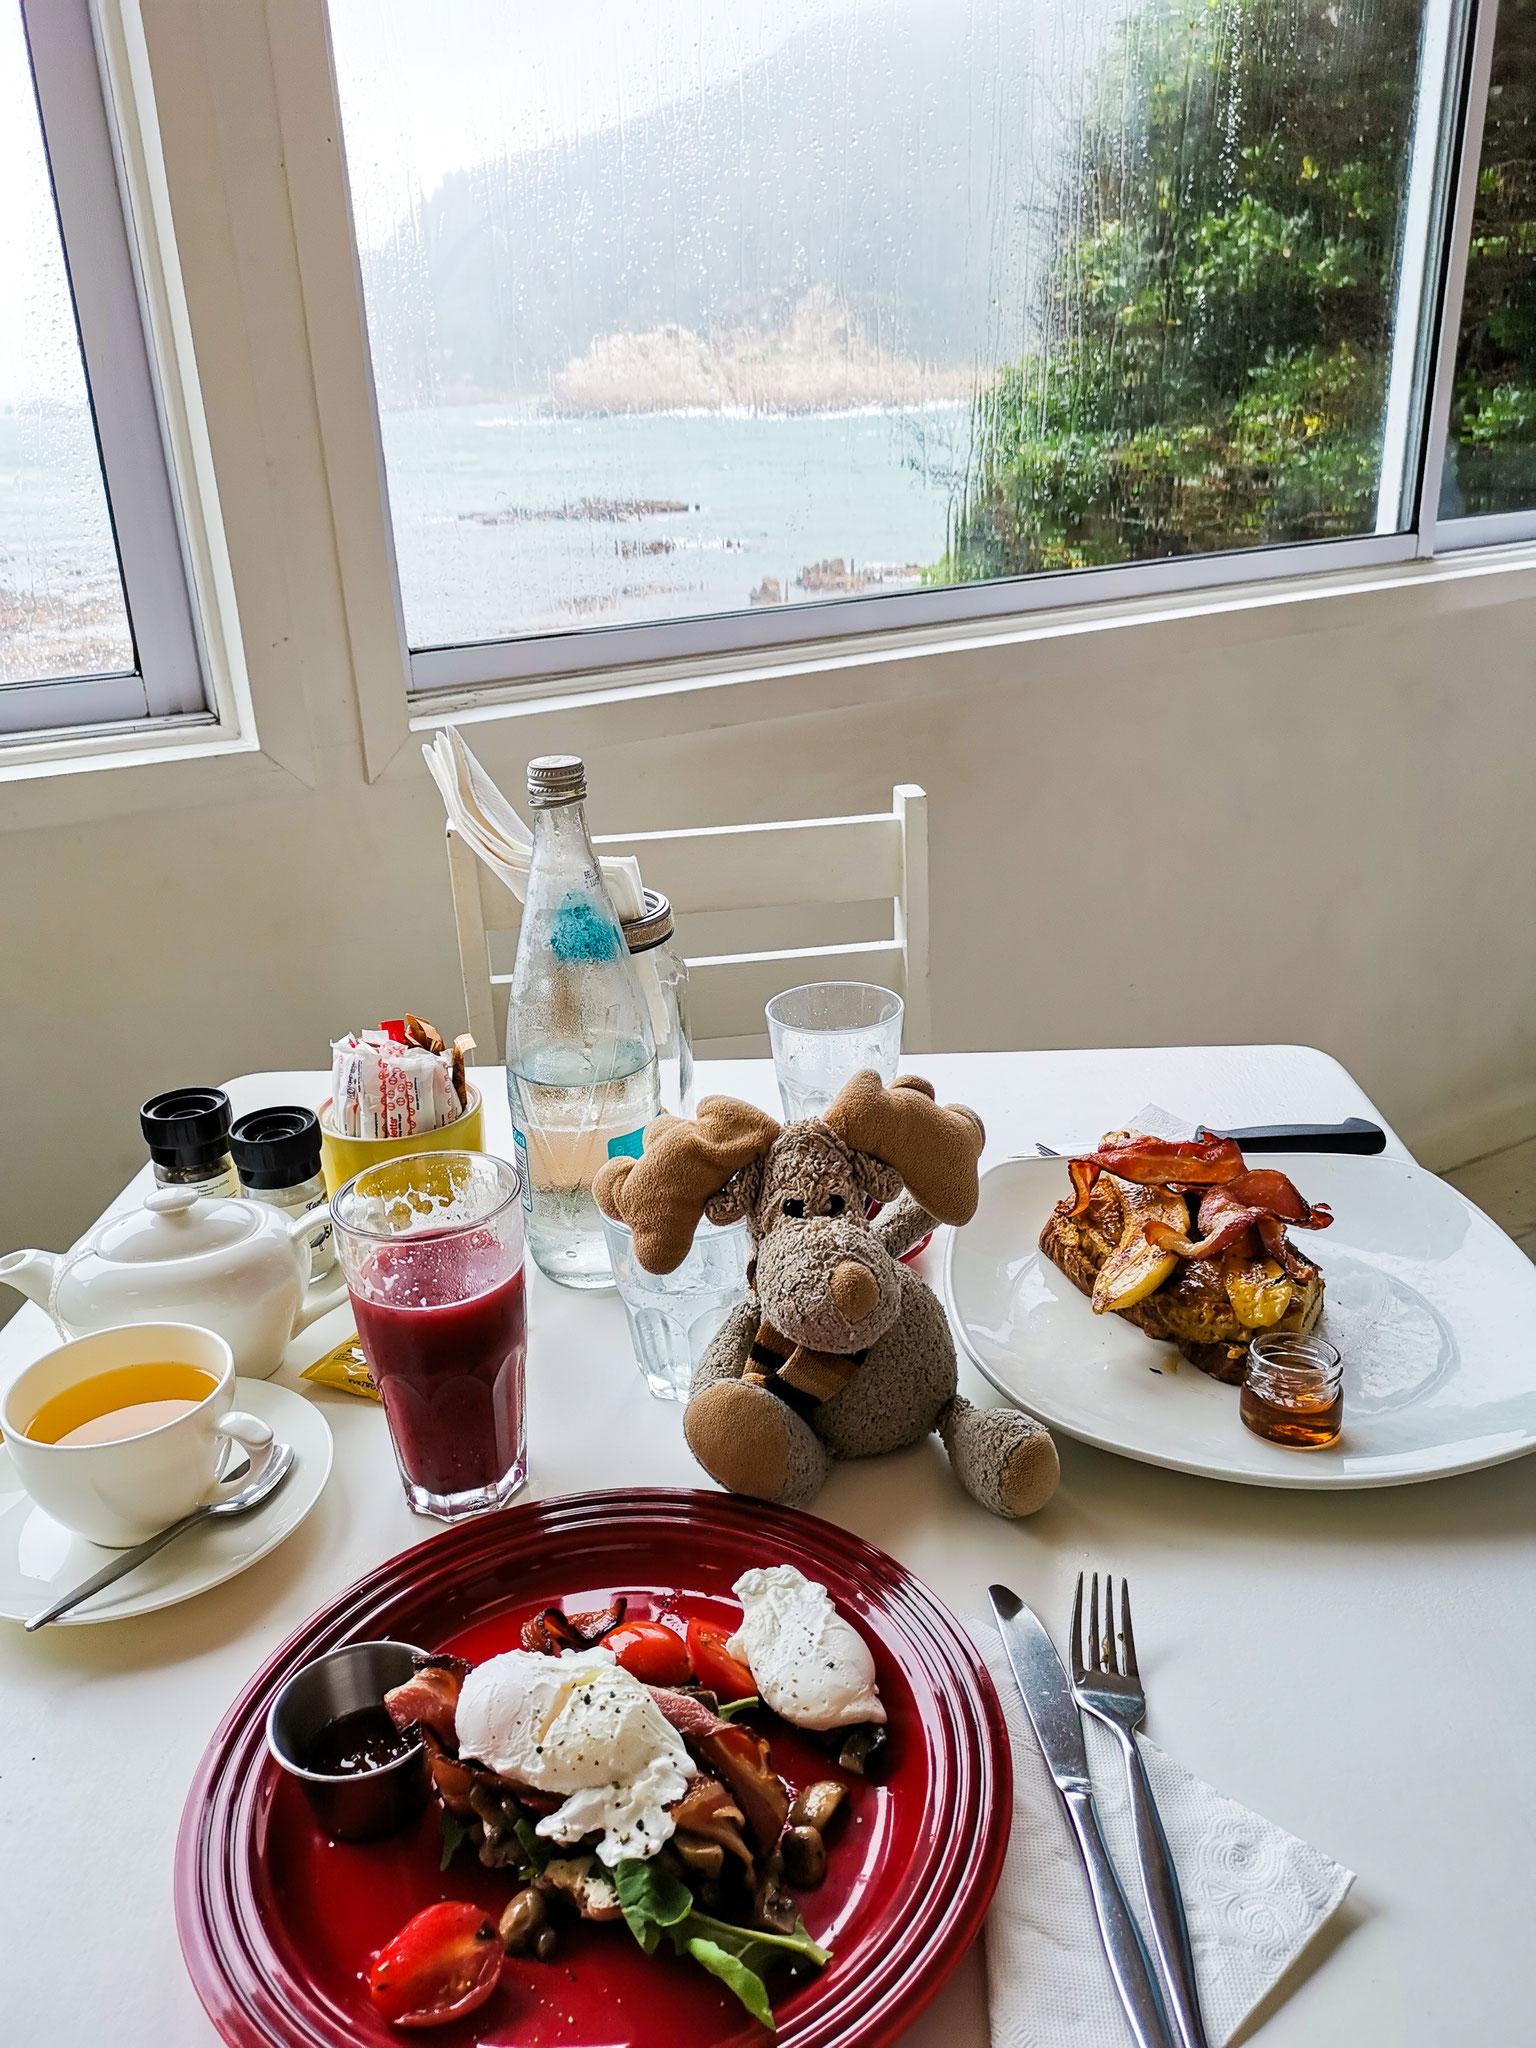 Bei schlechtem Wetter muss erstmal lecker gefrühstückt werden. (Südafrika)